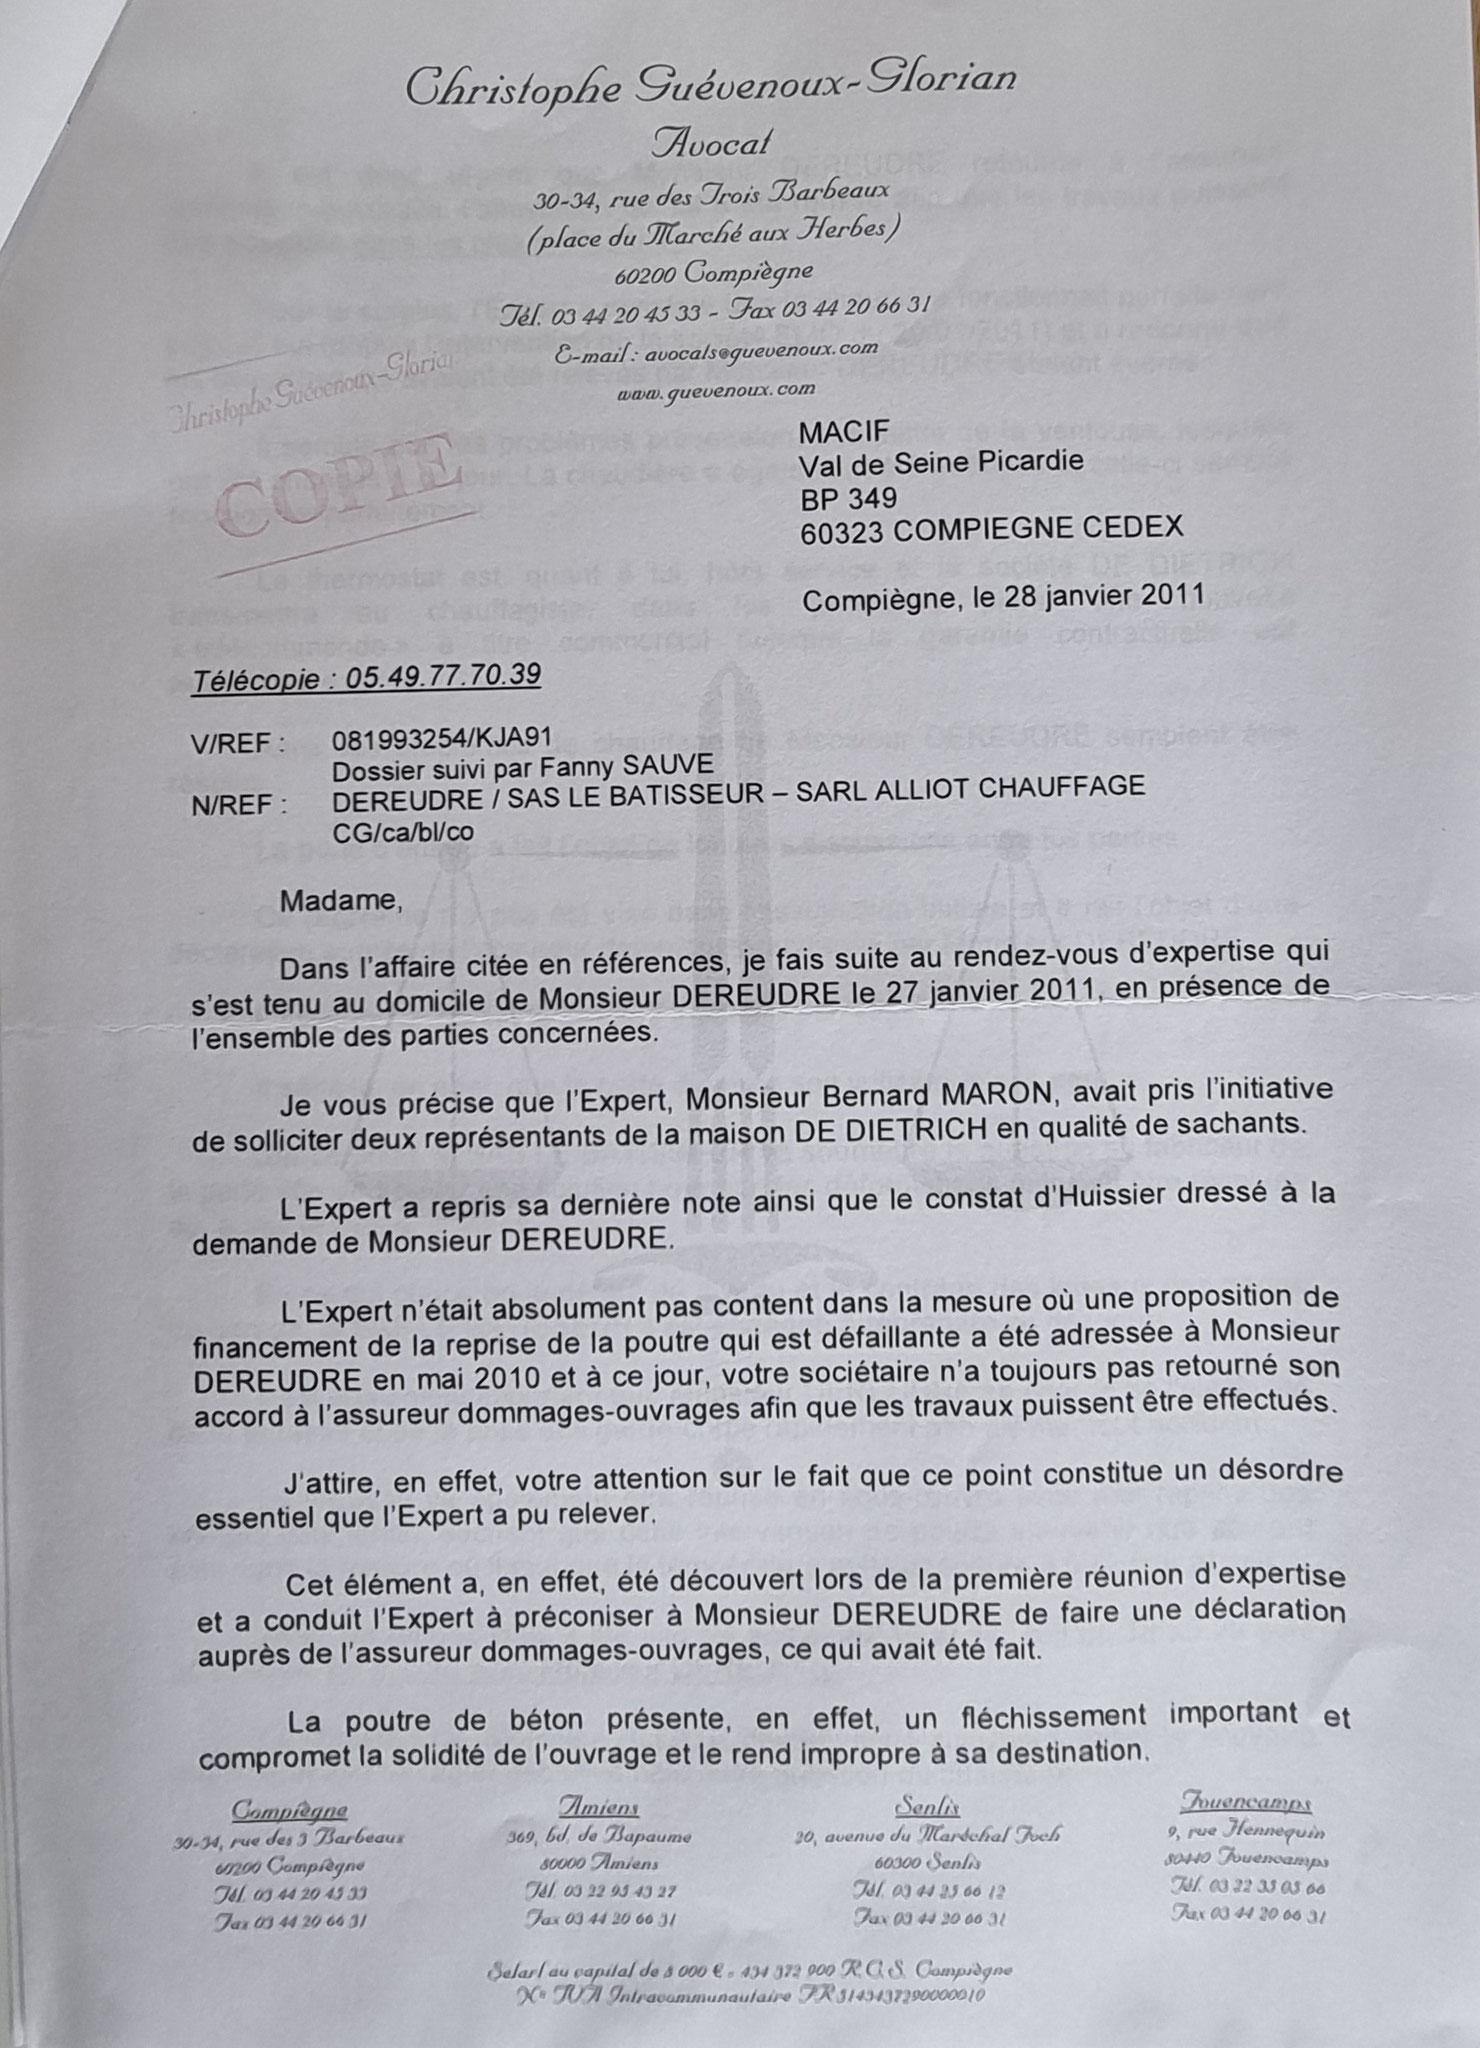 Le 28 Janvier 2011 Maître Christophe GUEVENOUX l'avocat de la Direction de la MACIF que cette dernière a mandaté pour m'assister.    UNE BONNE FARCE DIABOLIQUE...    INACCEPTABLE  BORDERLINE    EXPERTISES JUDICIAIRES ENTRE COPAINS...  www.jesuispatrick.fr